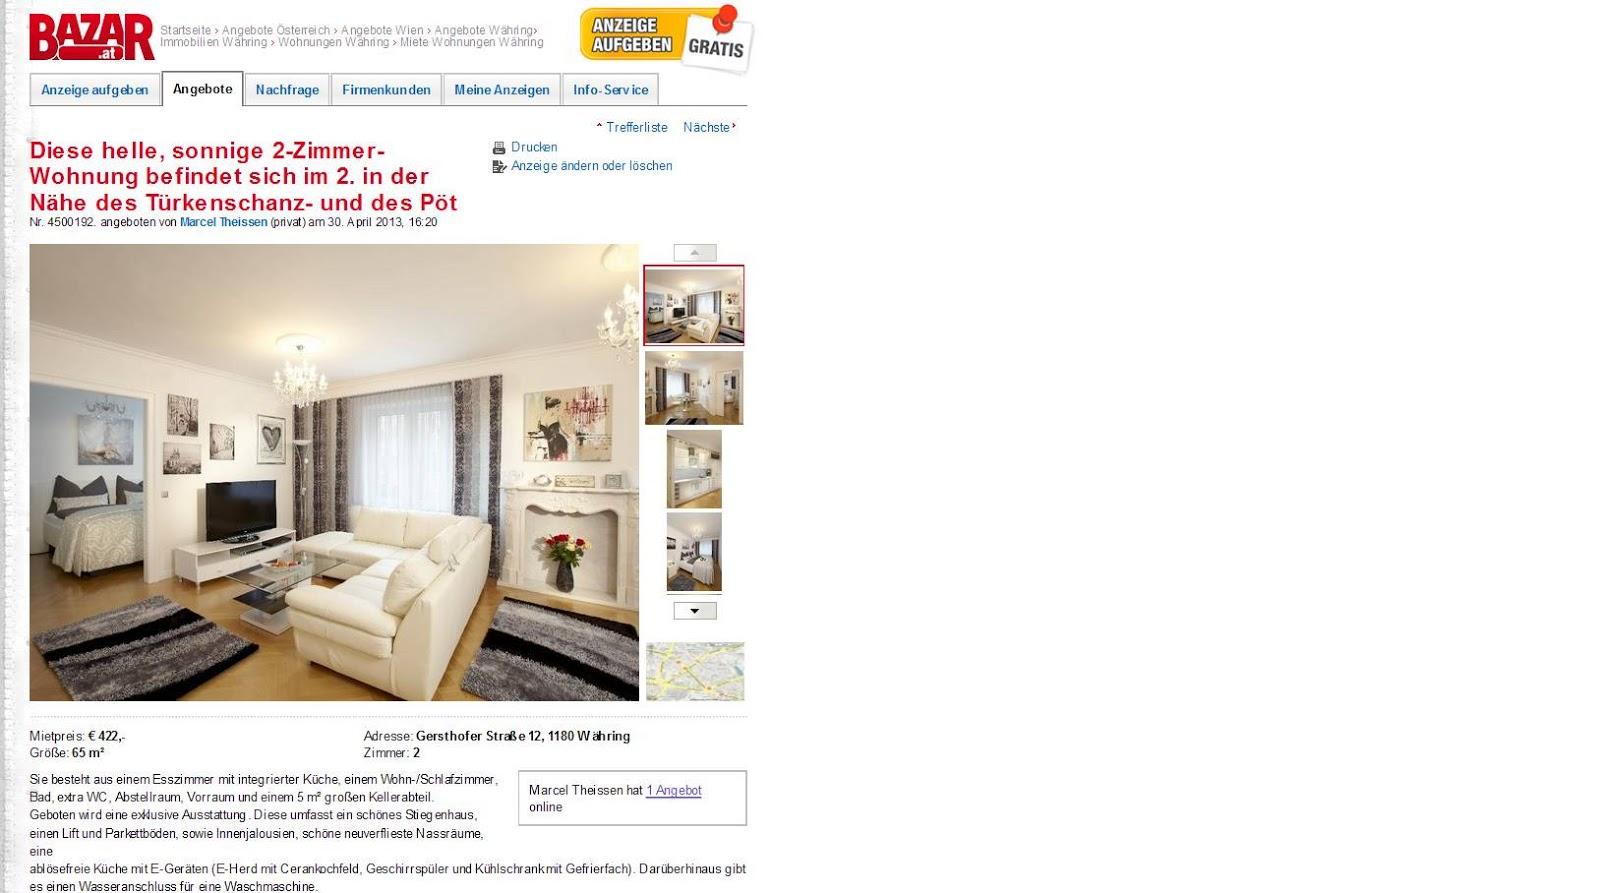 April 2013 Informationen über Wohnungsbetrug